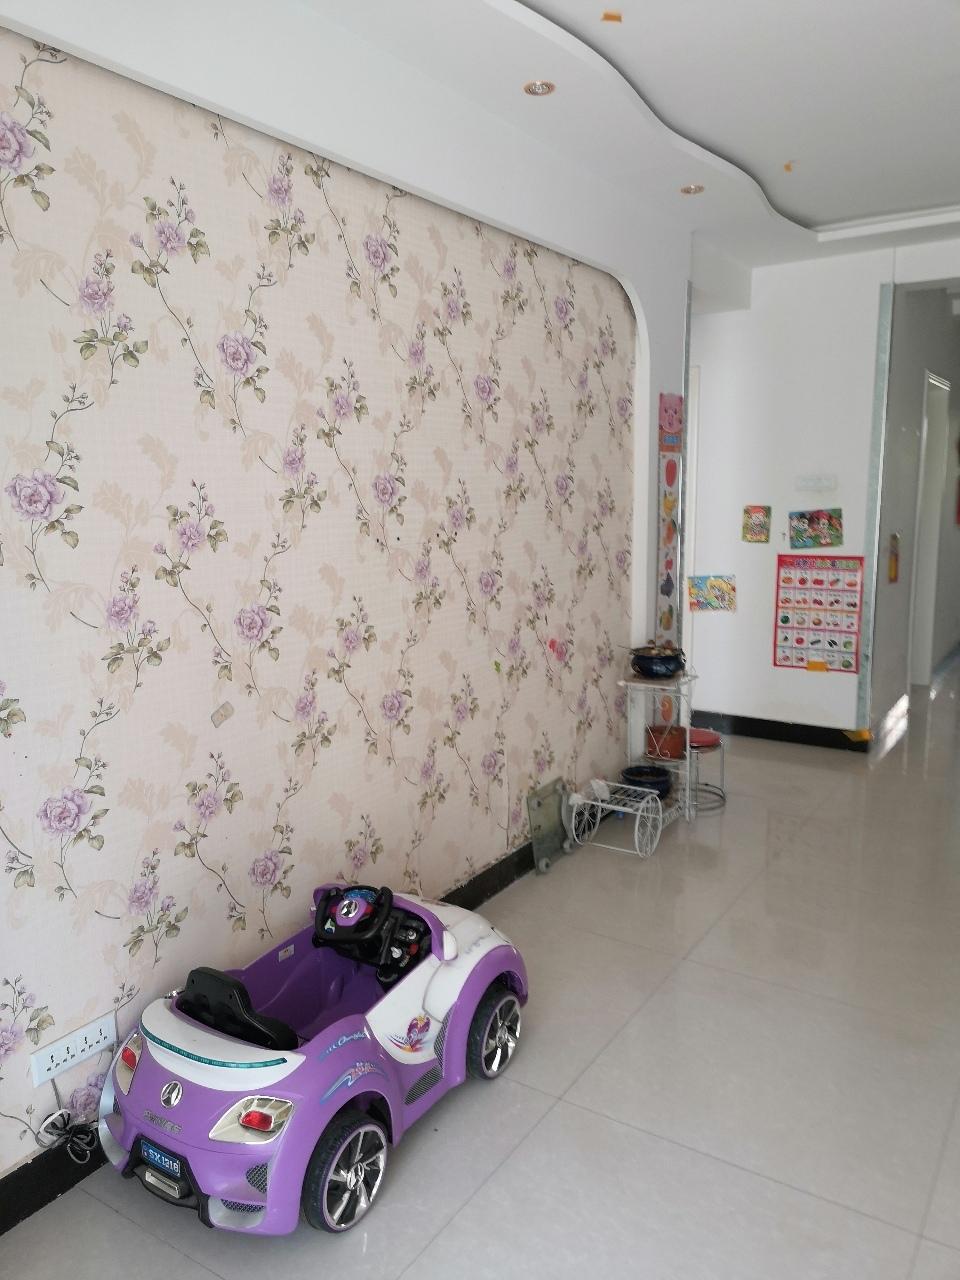 翰海明珠98平米精装修的2楼,4楼出售2室 2厅 1卫54.8万元